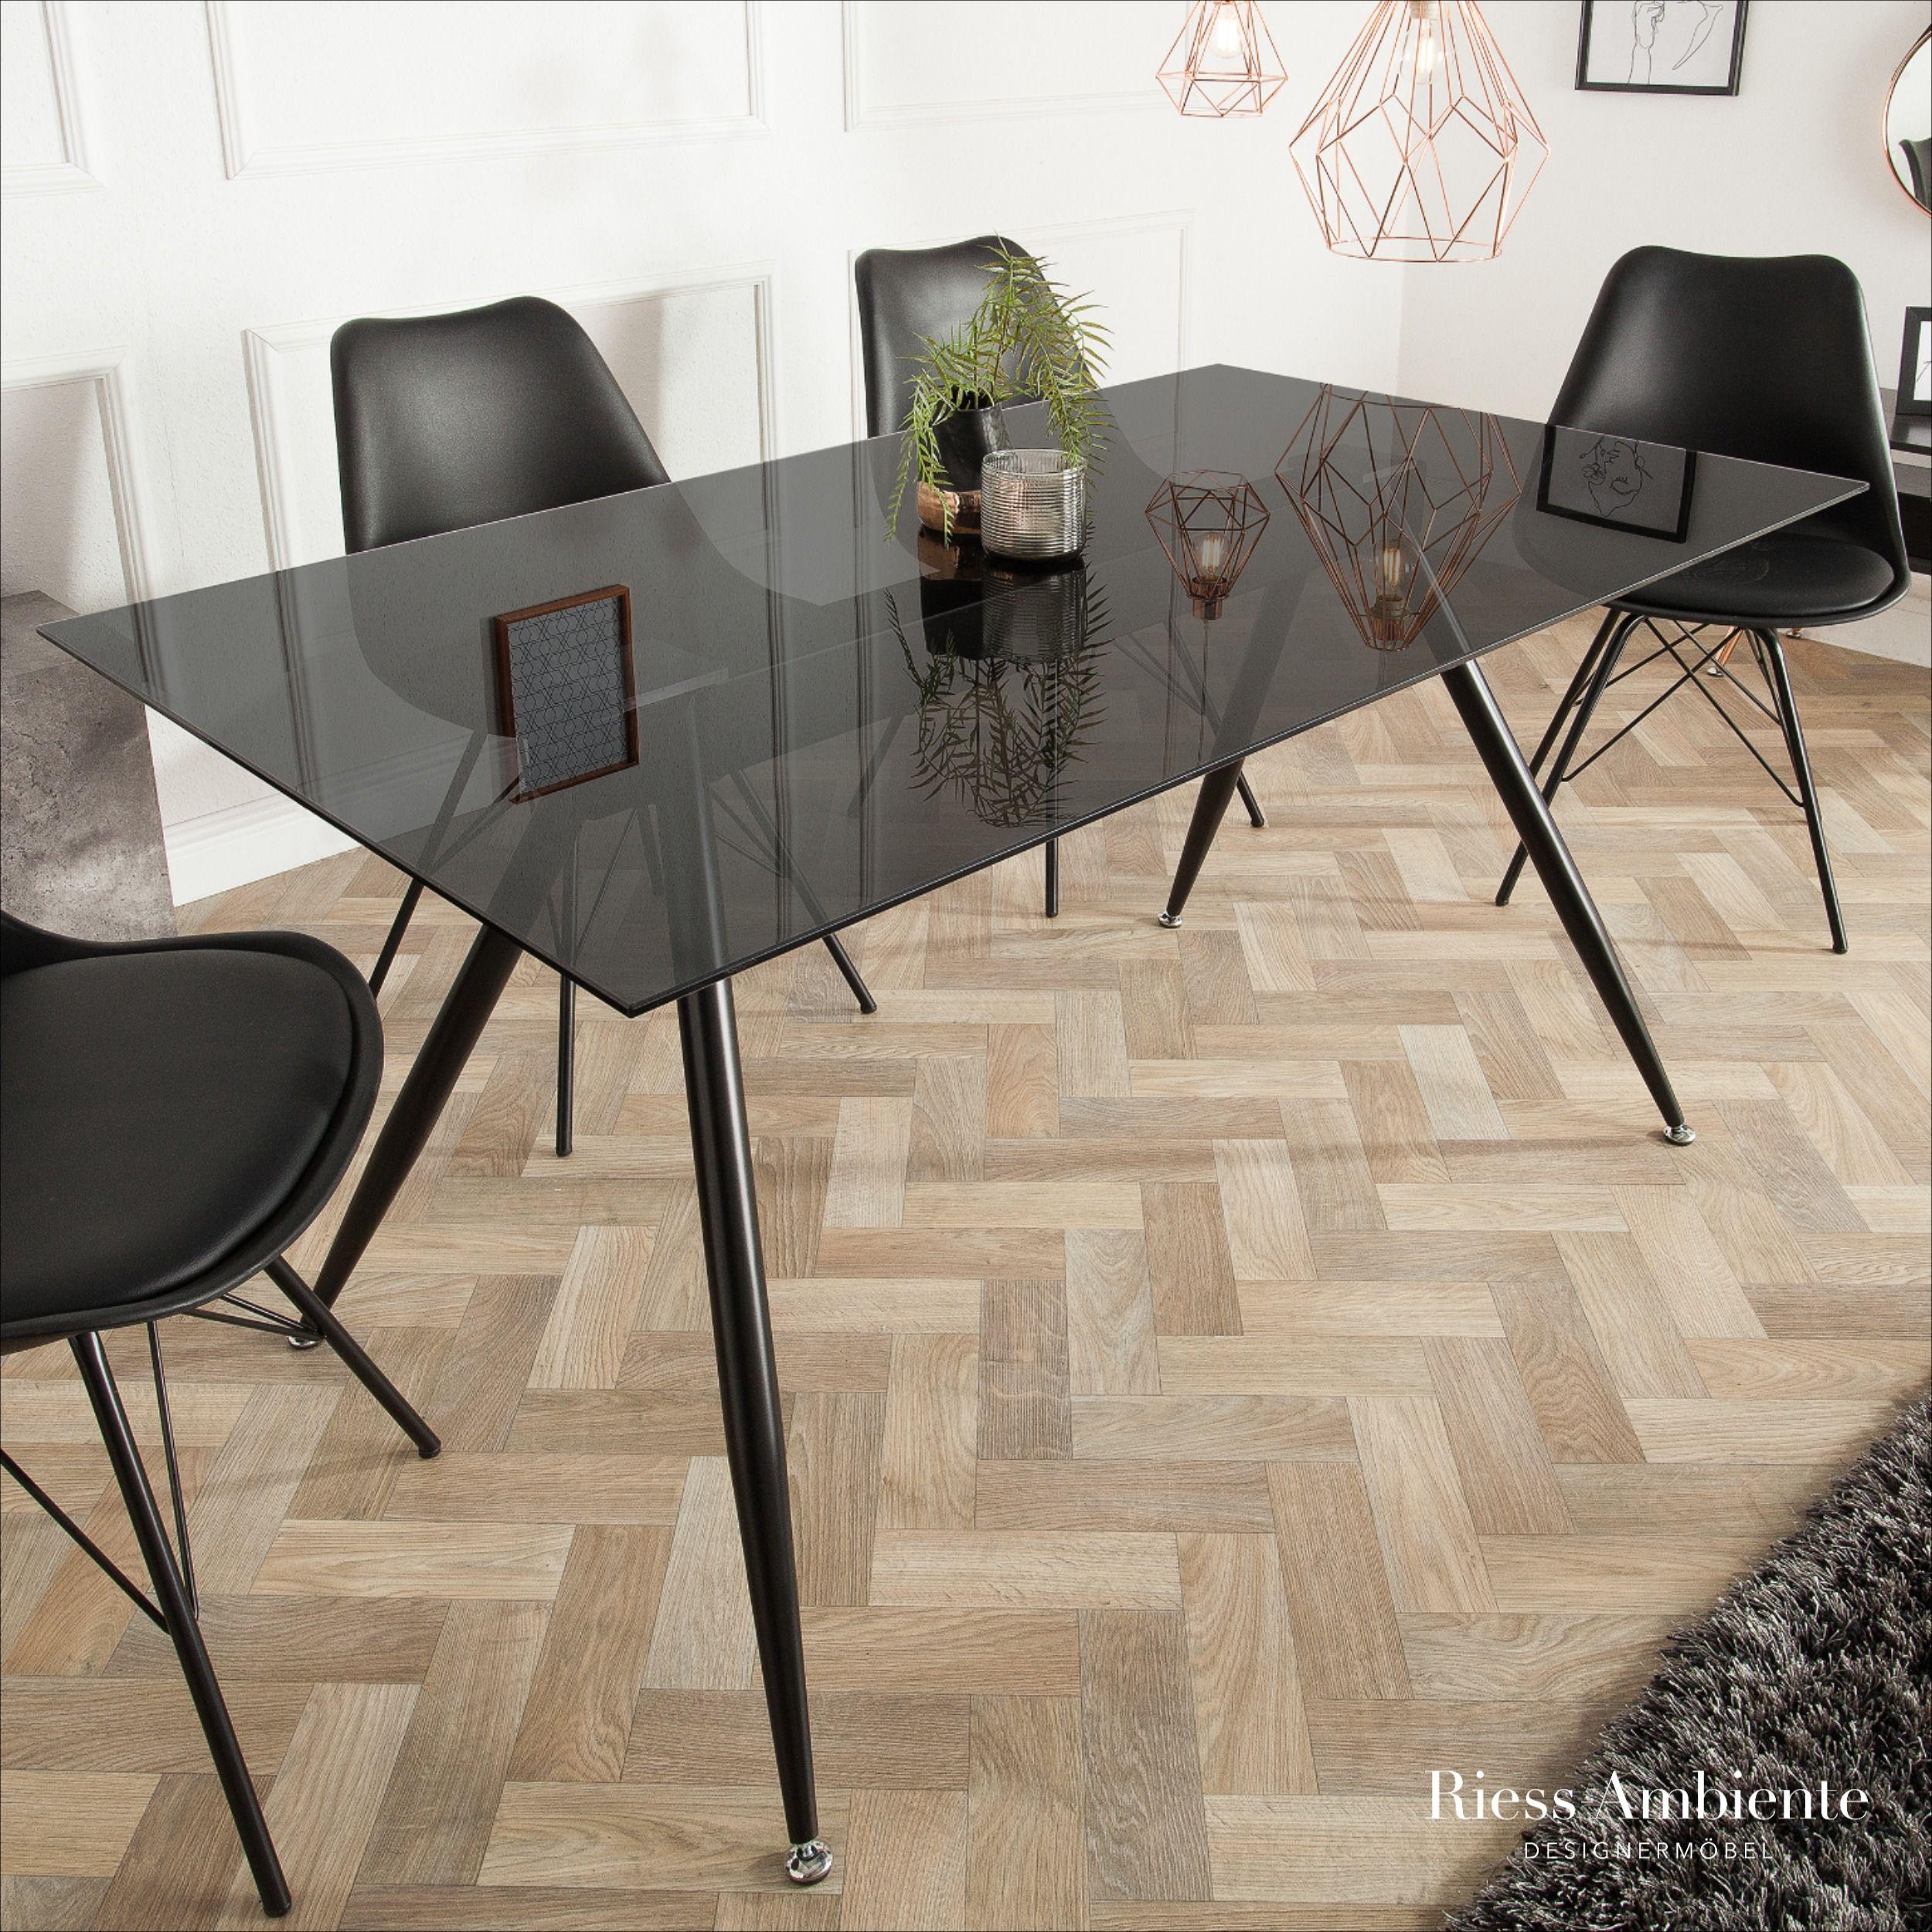 Esstisch Fantome 180cm Grau Rauchglas Esstisch Retro Mobel Tisch